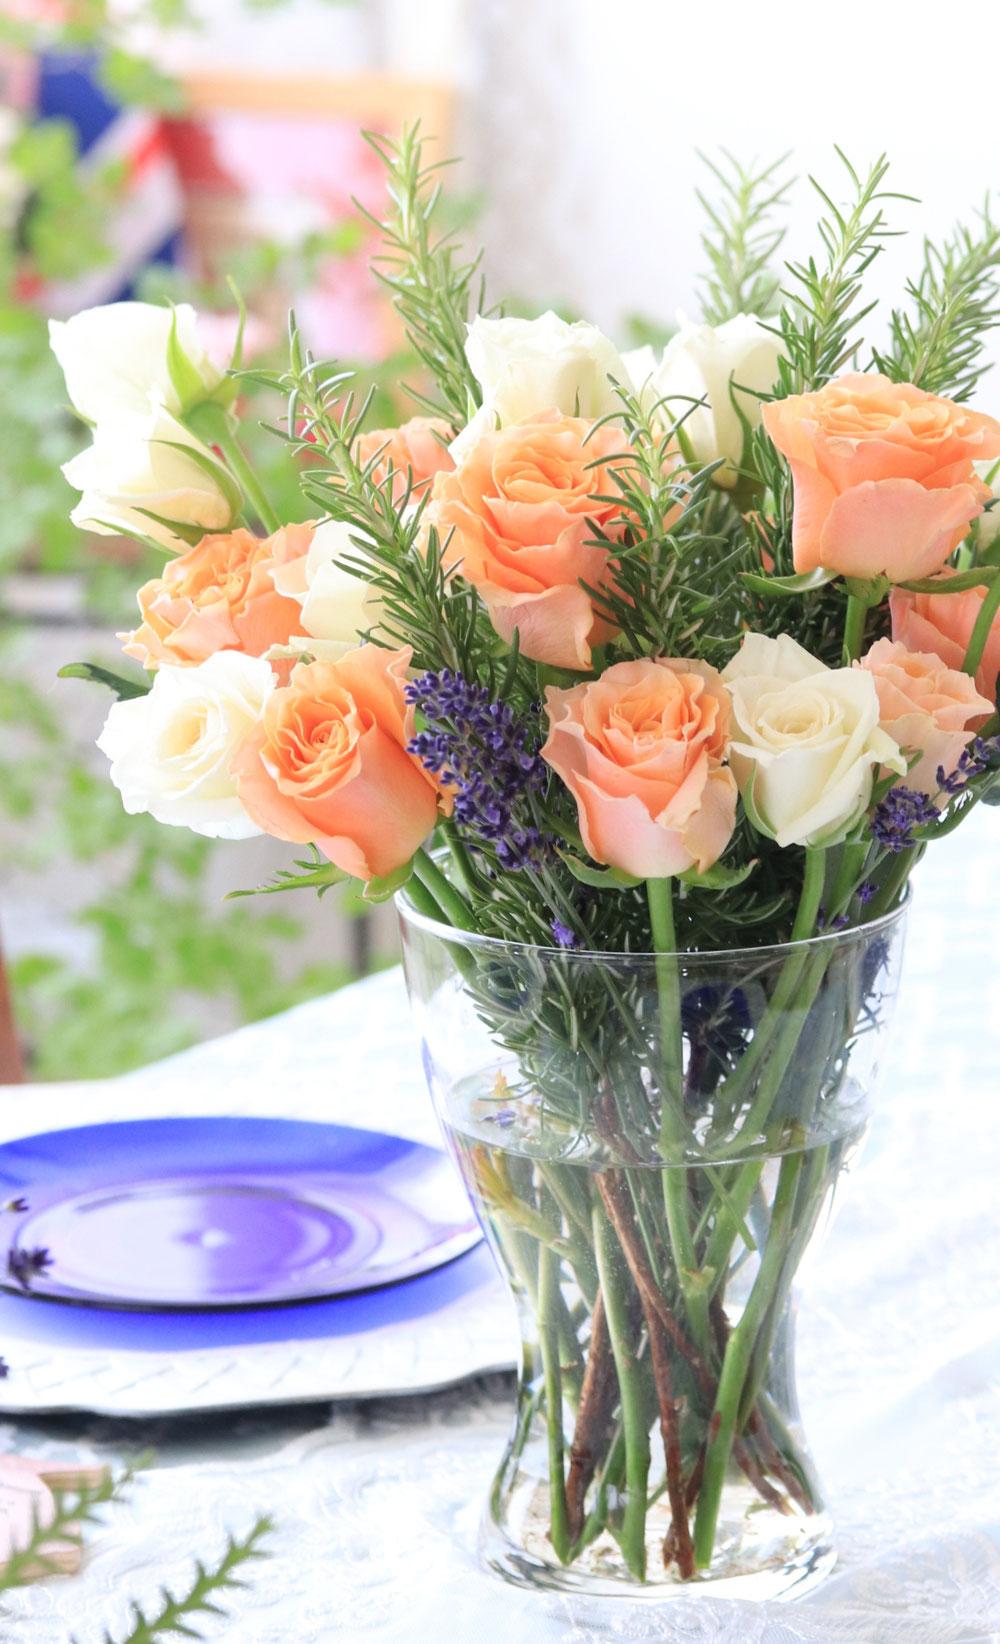 素敵なバラありがとう